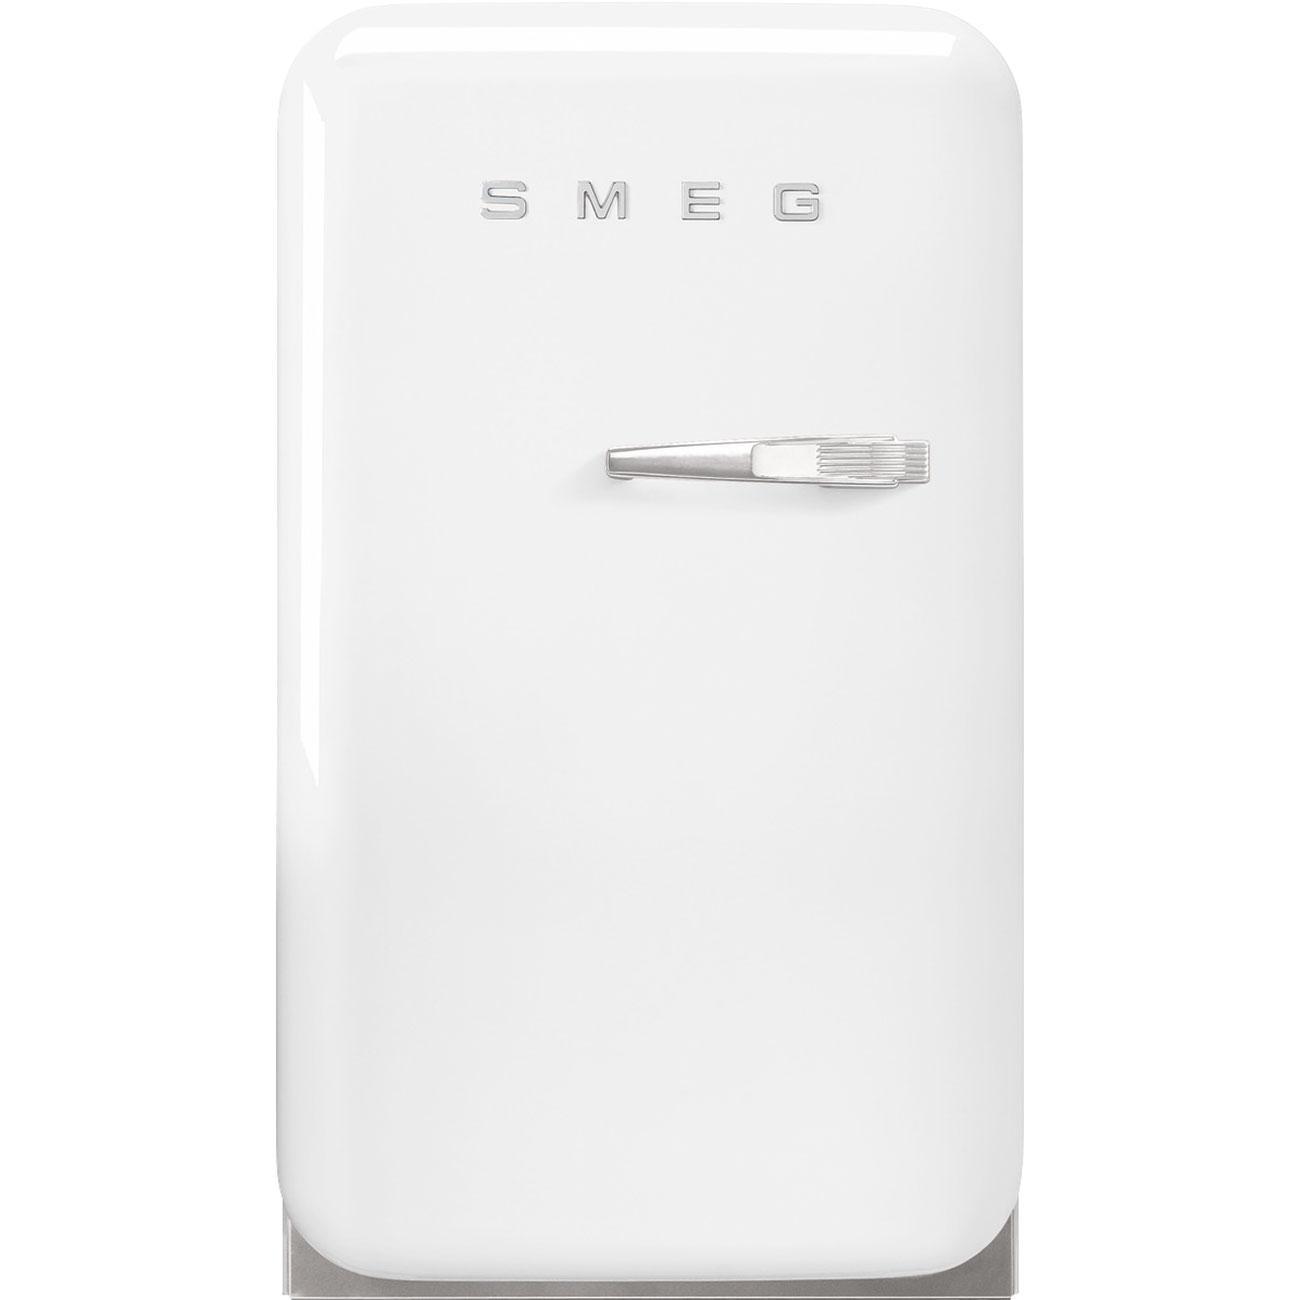 SmegRetro-Style Mini Refrigerator, Left-Hand Hinge, White